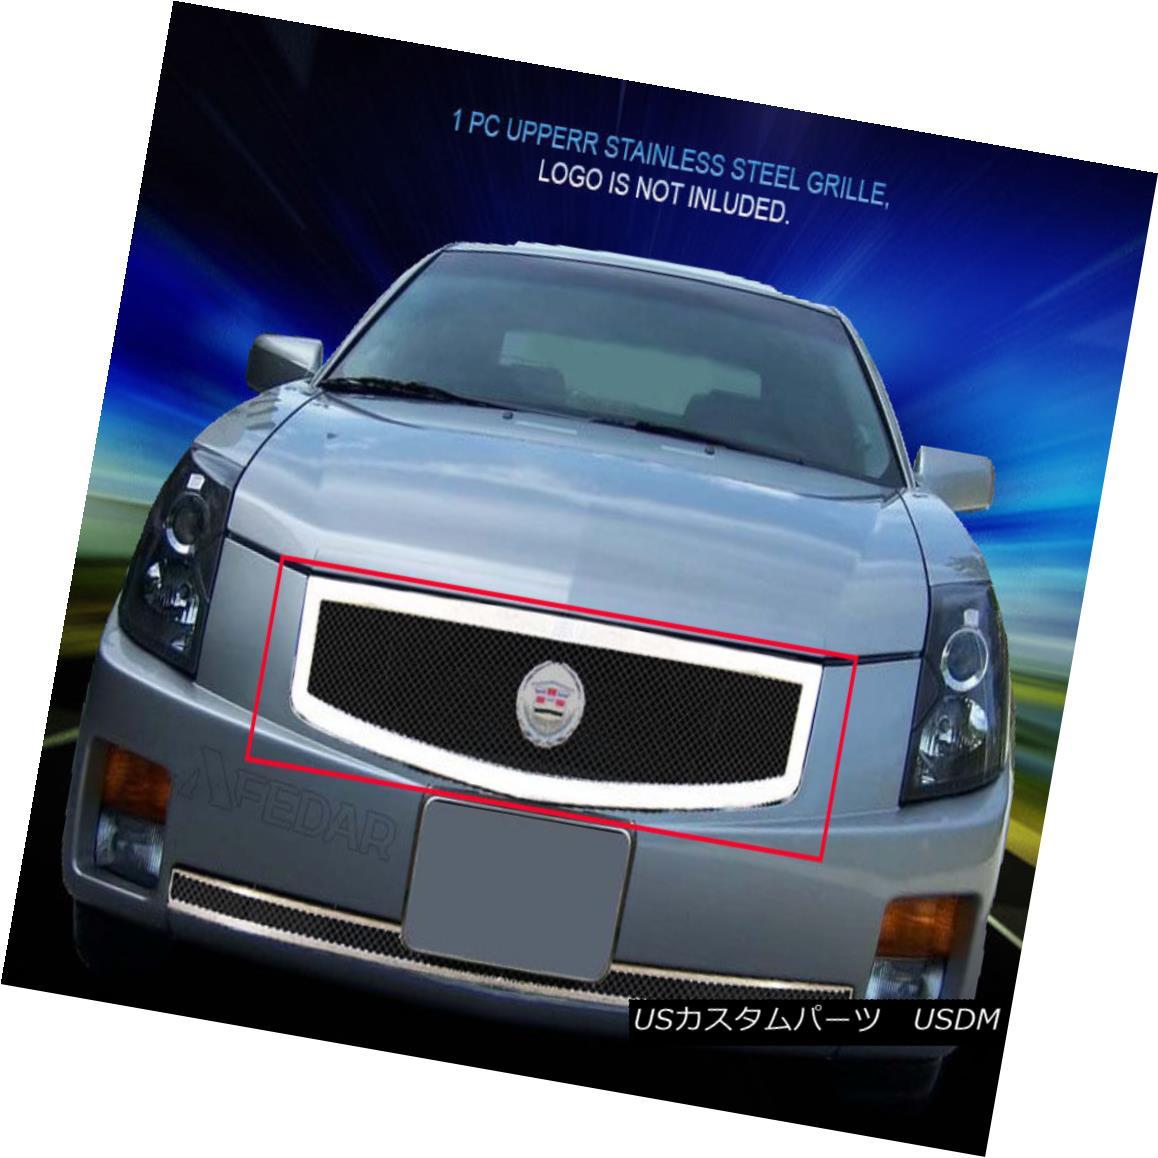 グリル Fedar Fits 2003-2007 Cadillac CTS Black/Polished Insert Wire Mesh Grille Insert Fedar Fitting 2003-2007 Cadillac CTS Black / Polishedインサートワイヤメッシュグリルインサート